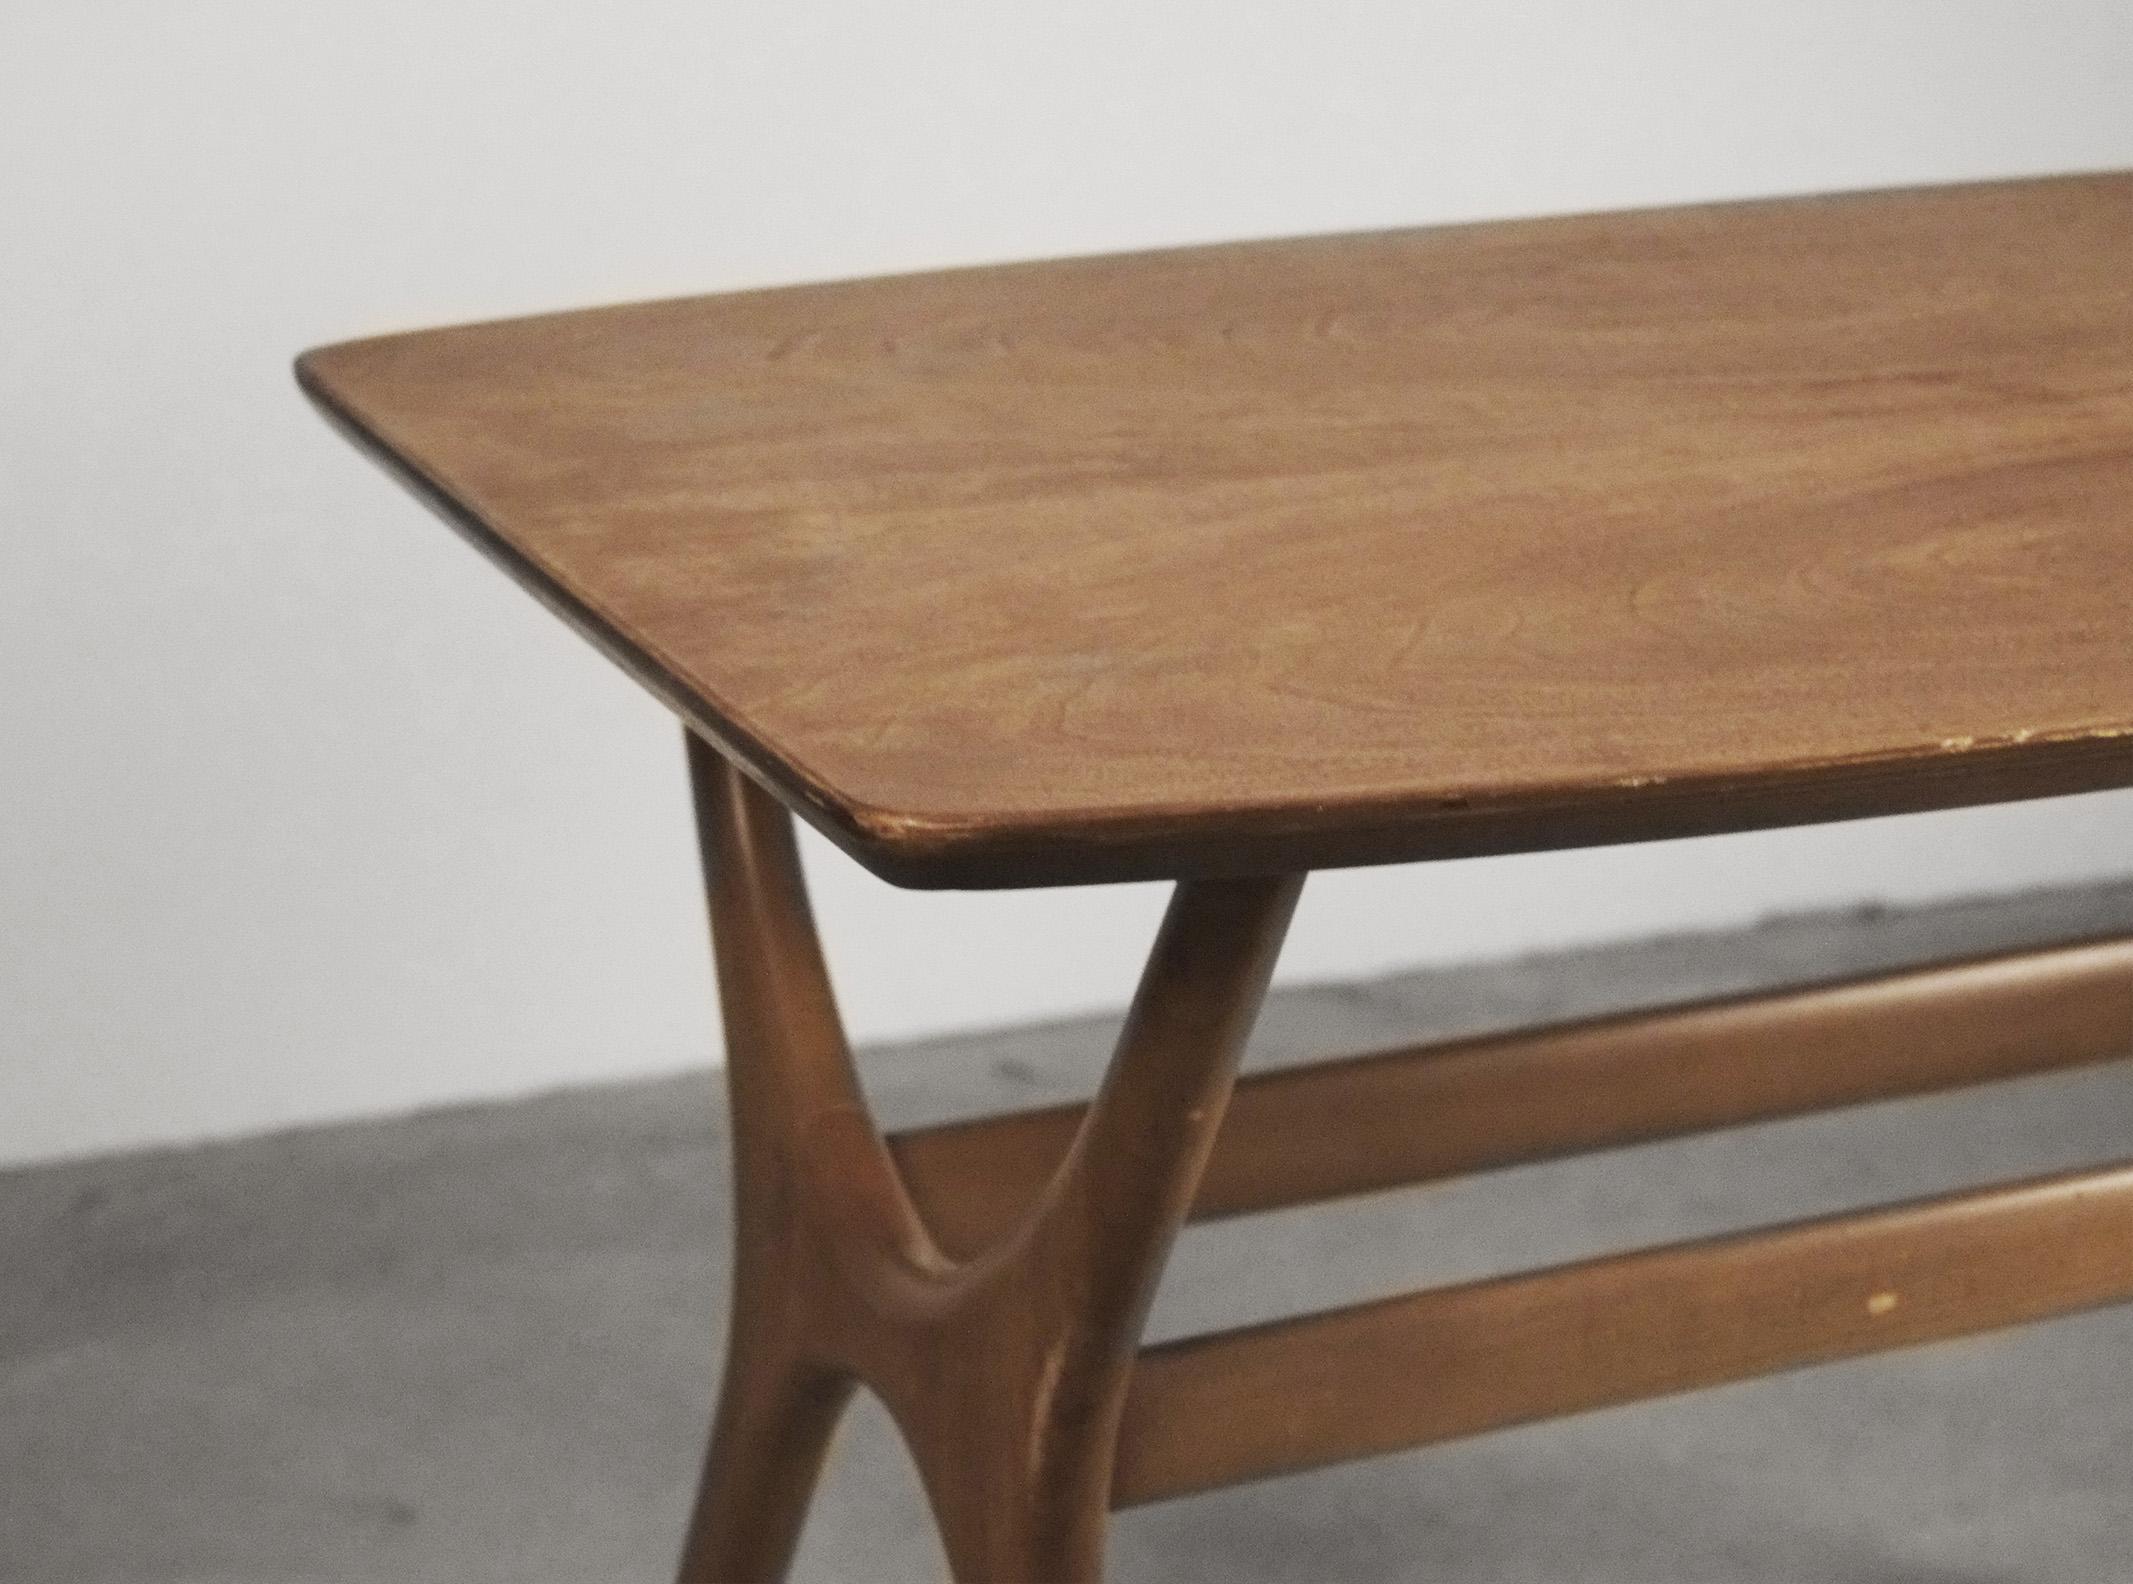 mesa de madera mesilla comoda de madera de olmo ercol